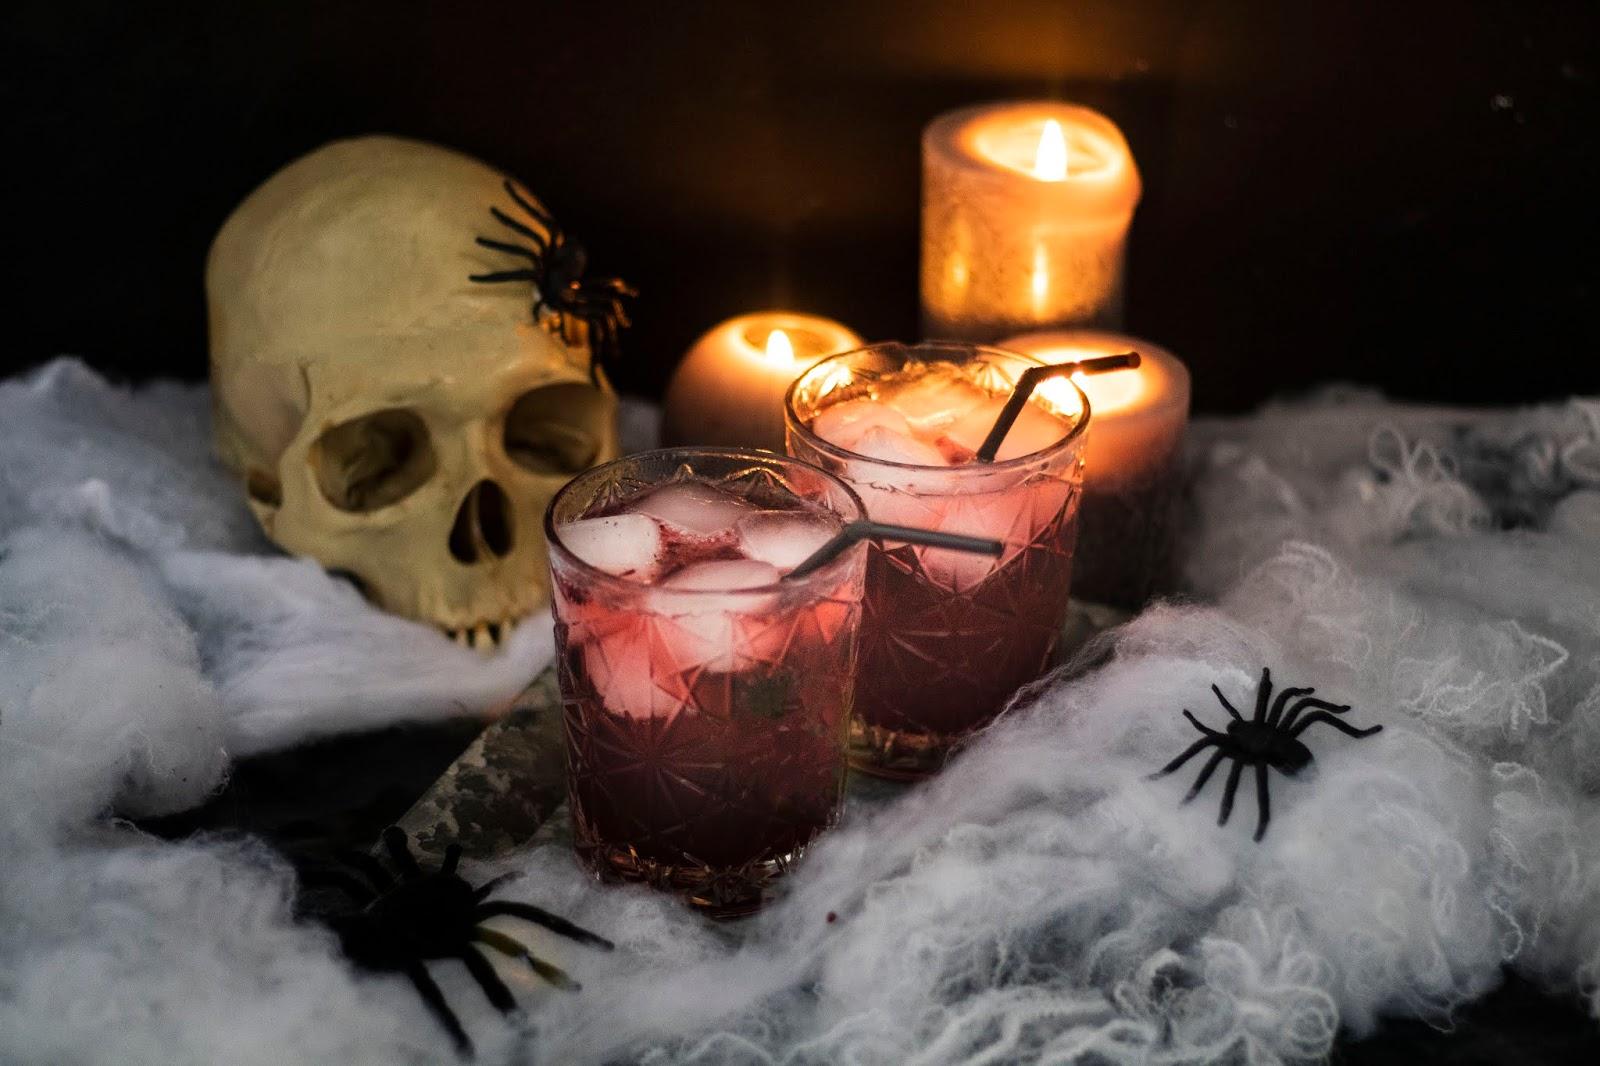 Recette spéciale pour Halloween : Un délicieux cocktail au gin et aux mûres